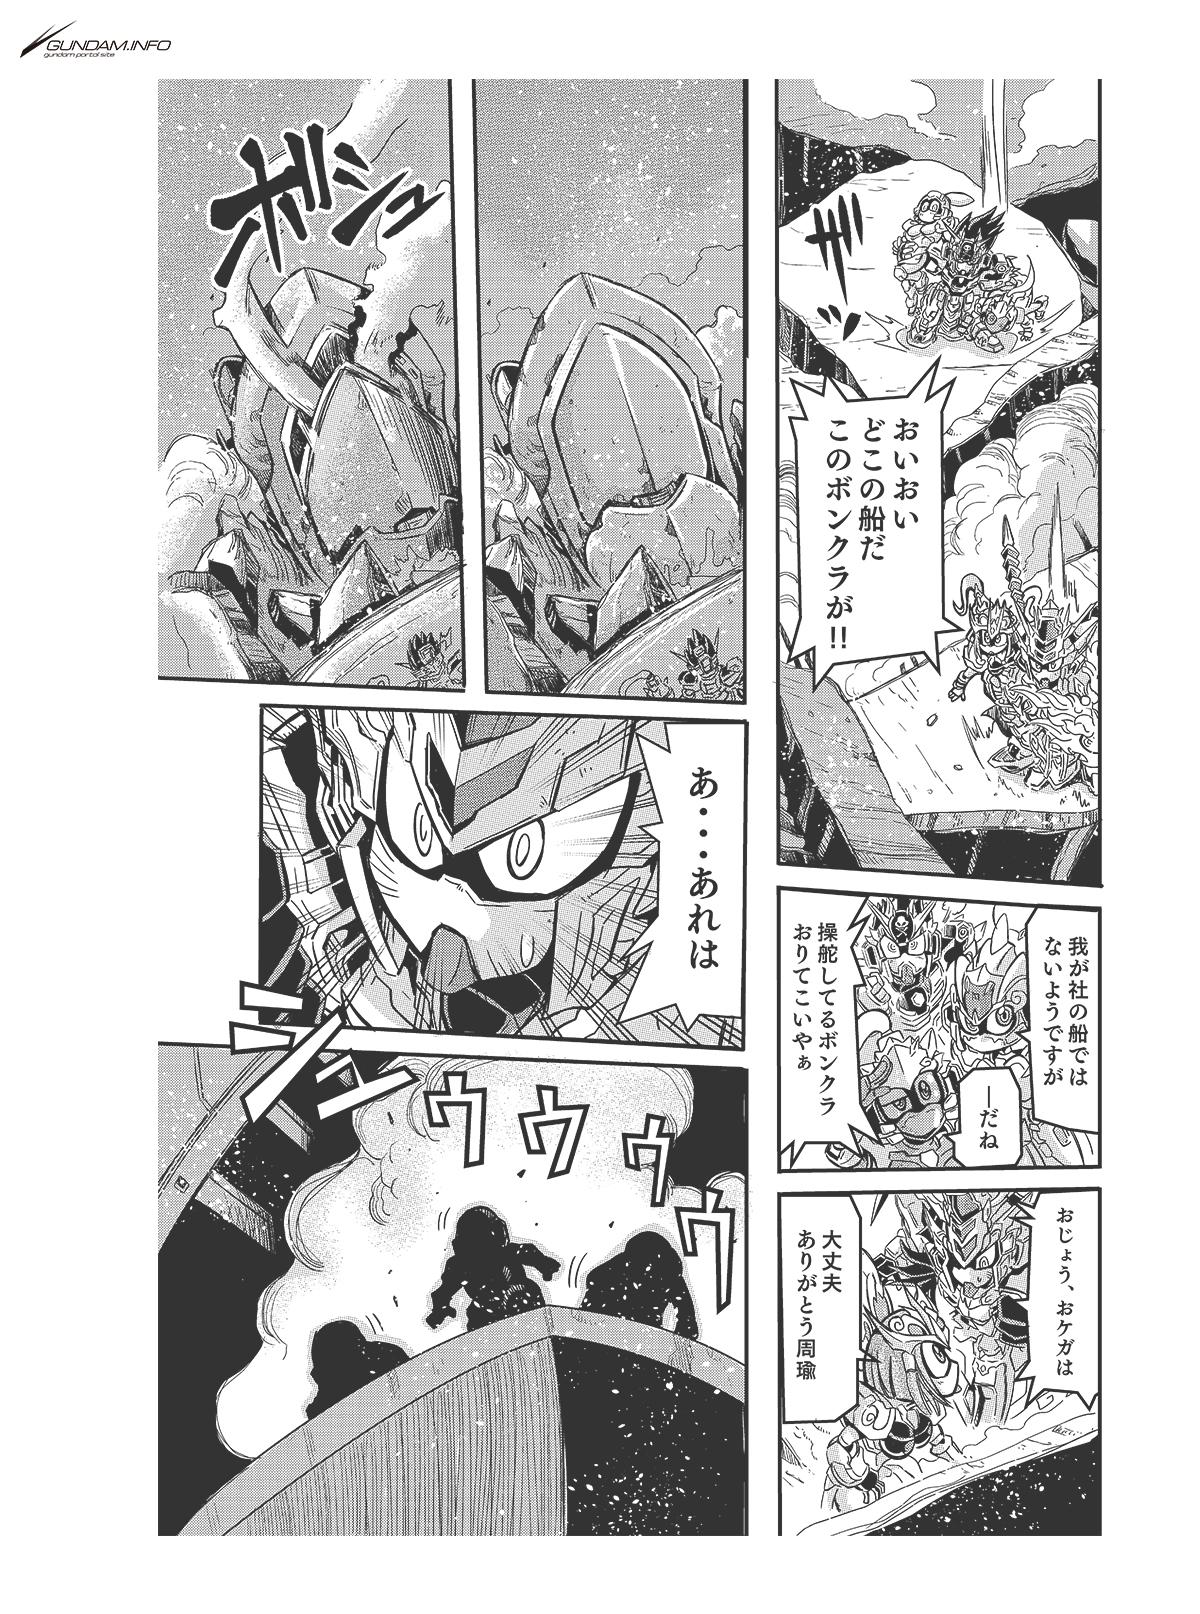 SDガンダムワールド 三国創傑伝 焔虎譚 第5話 P13